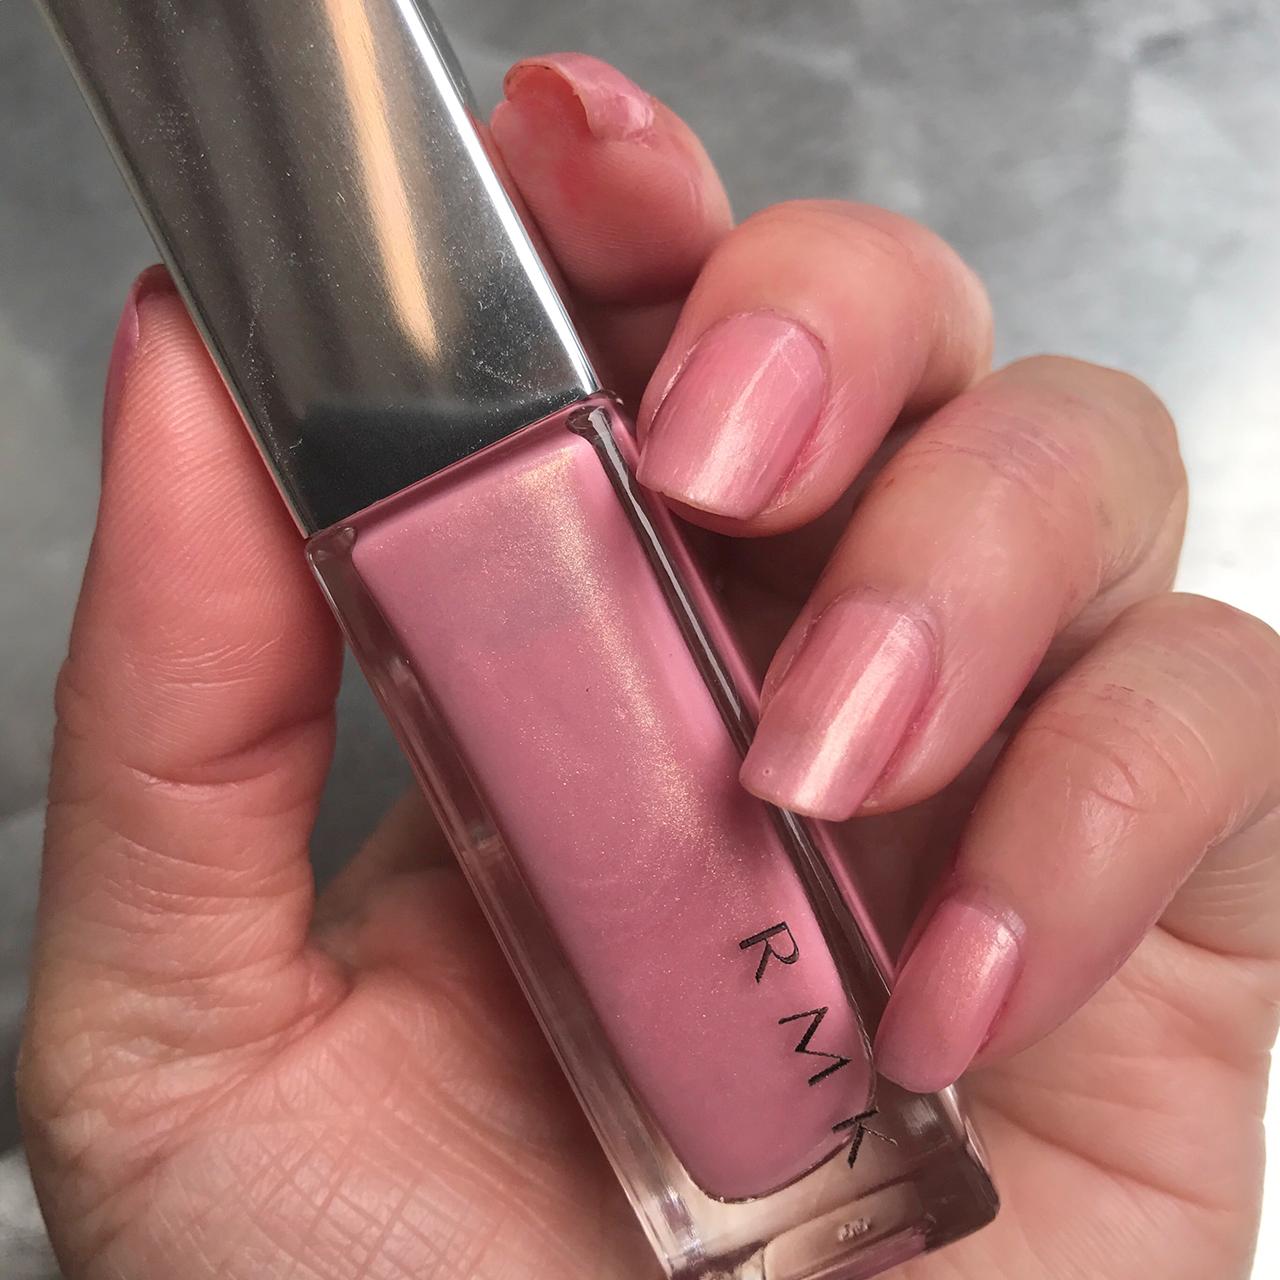 RMK Nail Polish 17(P) Sheer Pink nail swatch